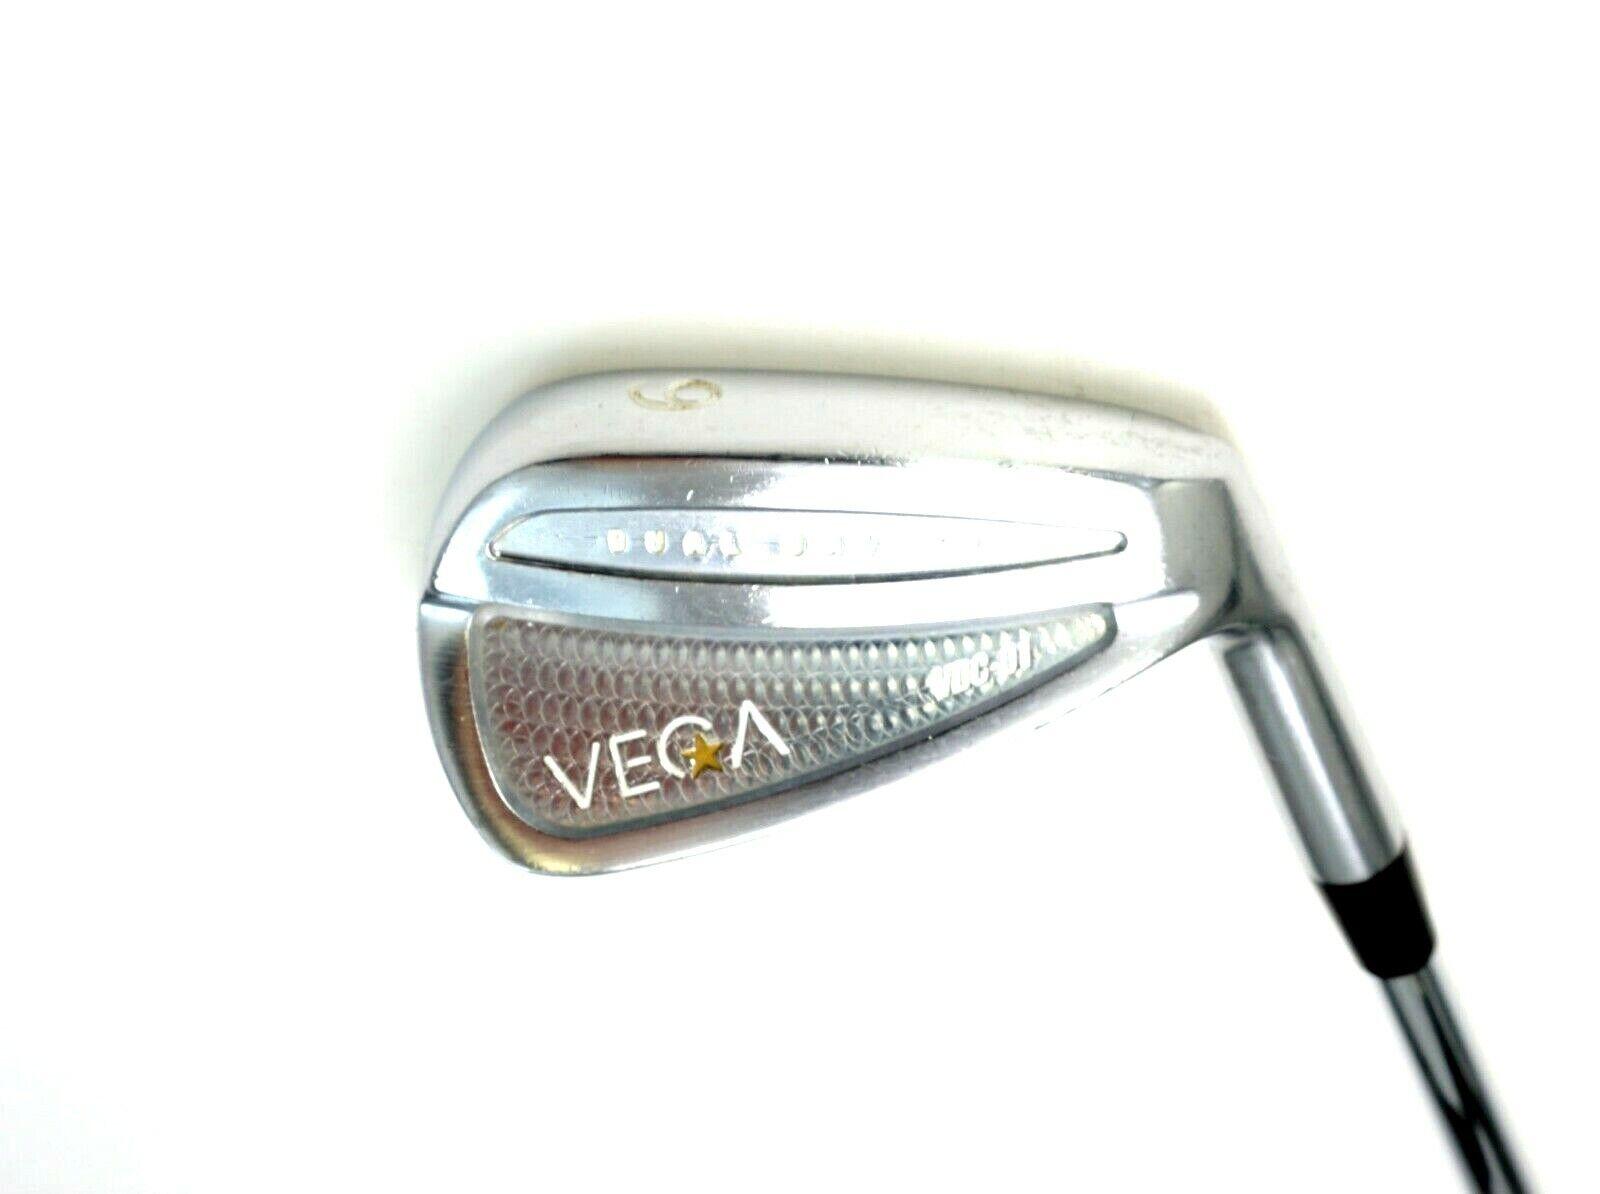 Vega VDC 01 duelo cavidad 9 Hierro Shimada Tour  Rígido Acero Eje iomic Agarre  el mas de moda